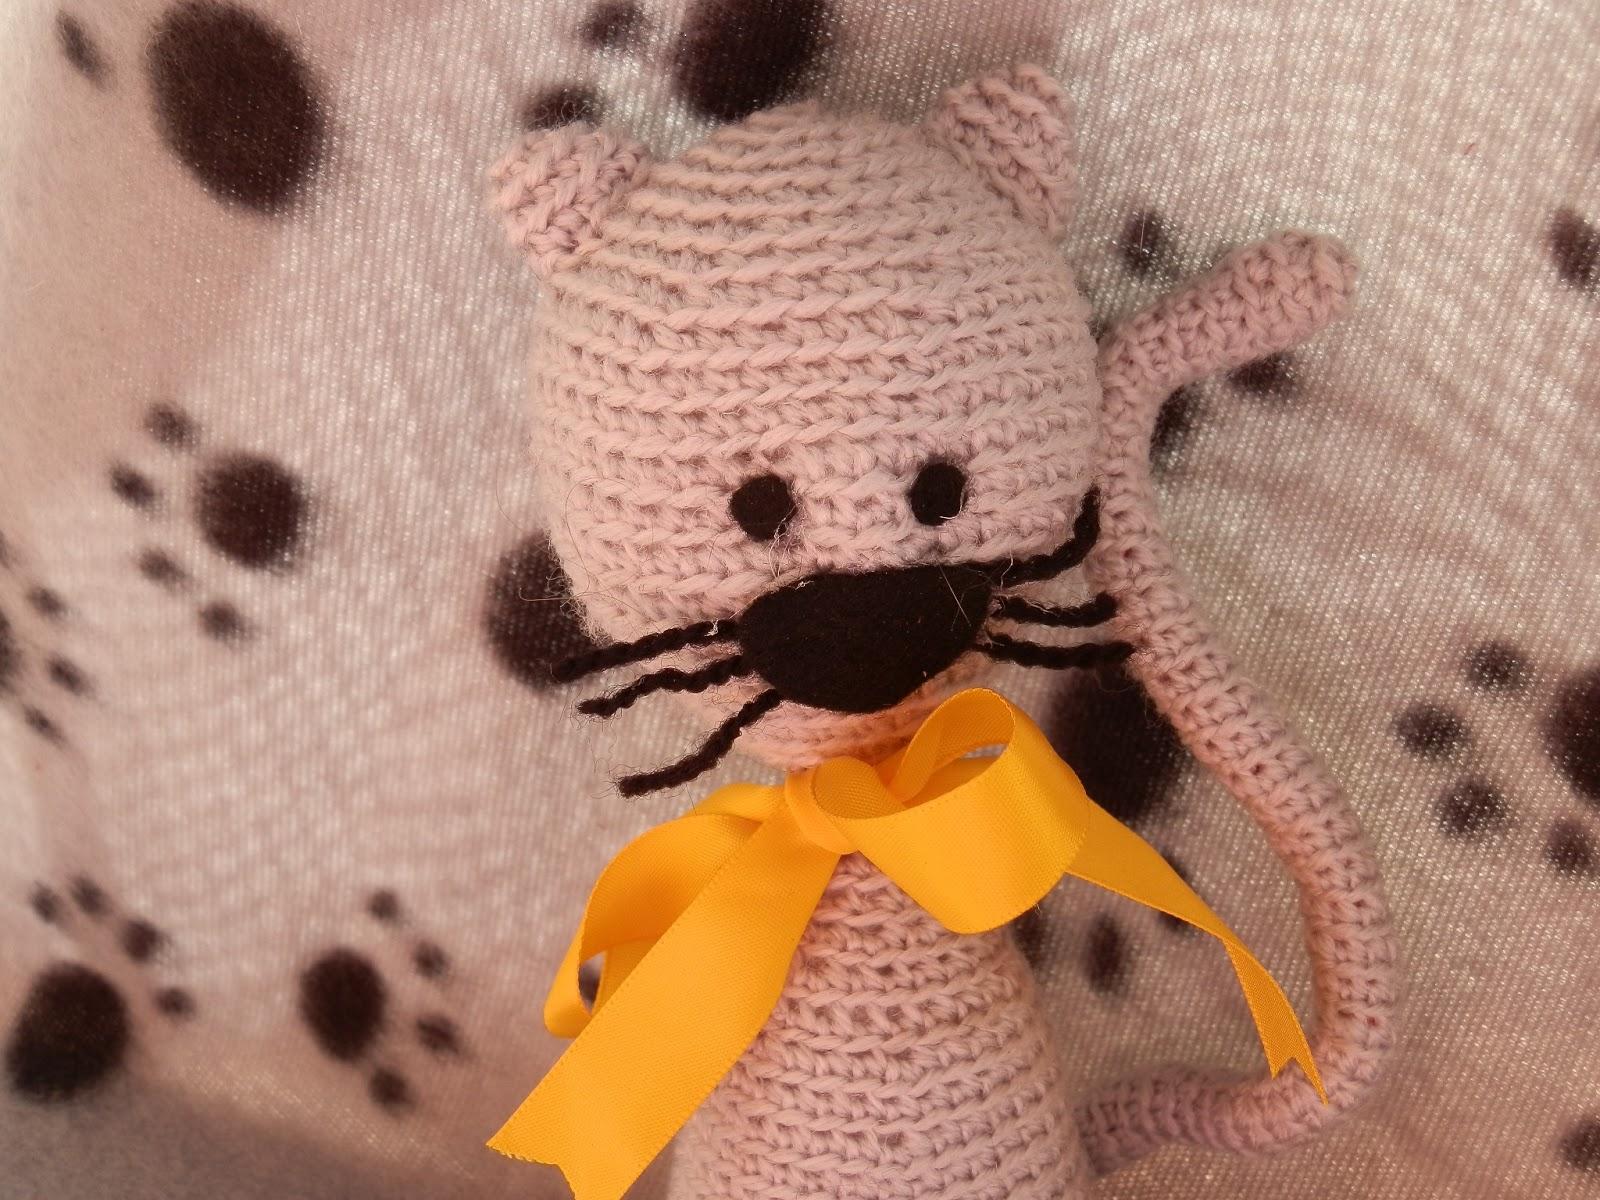 Amigurumi Gato Paso A Paso : Awesome needles: amigurumi gato y nuevo pedido